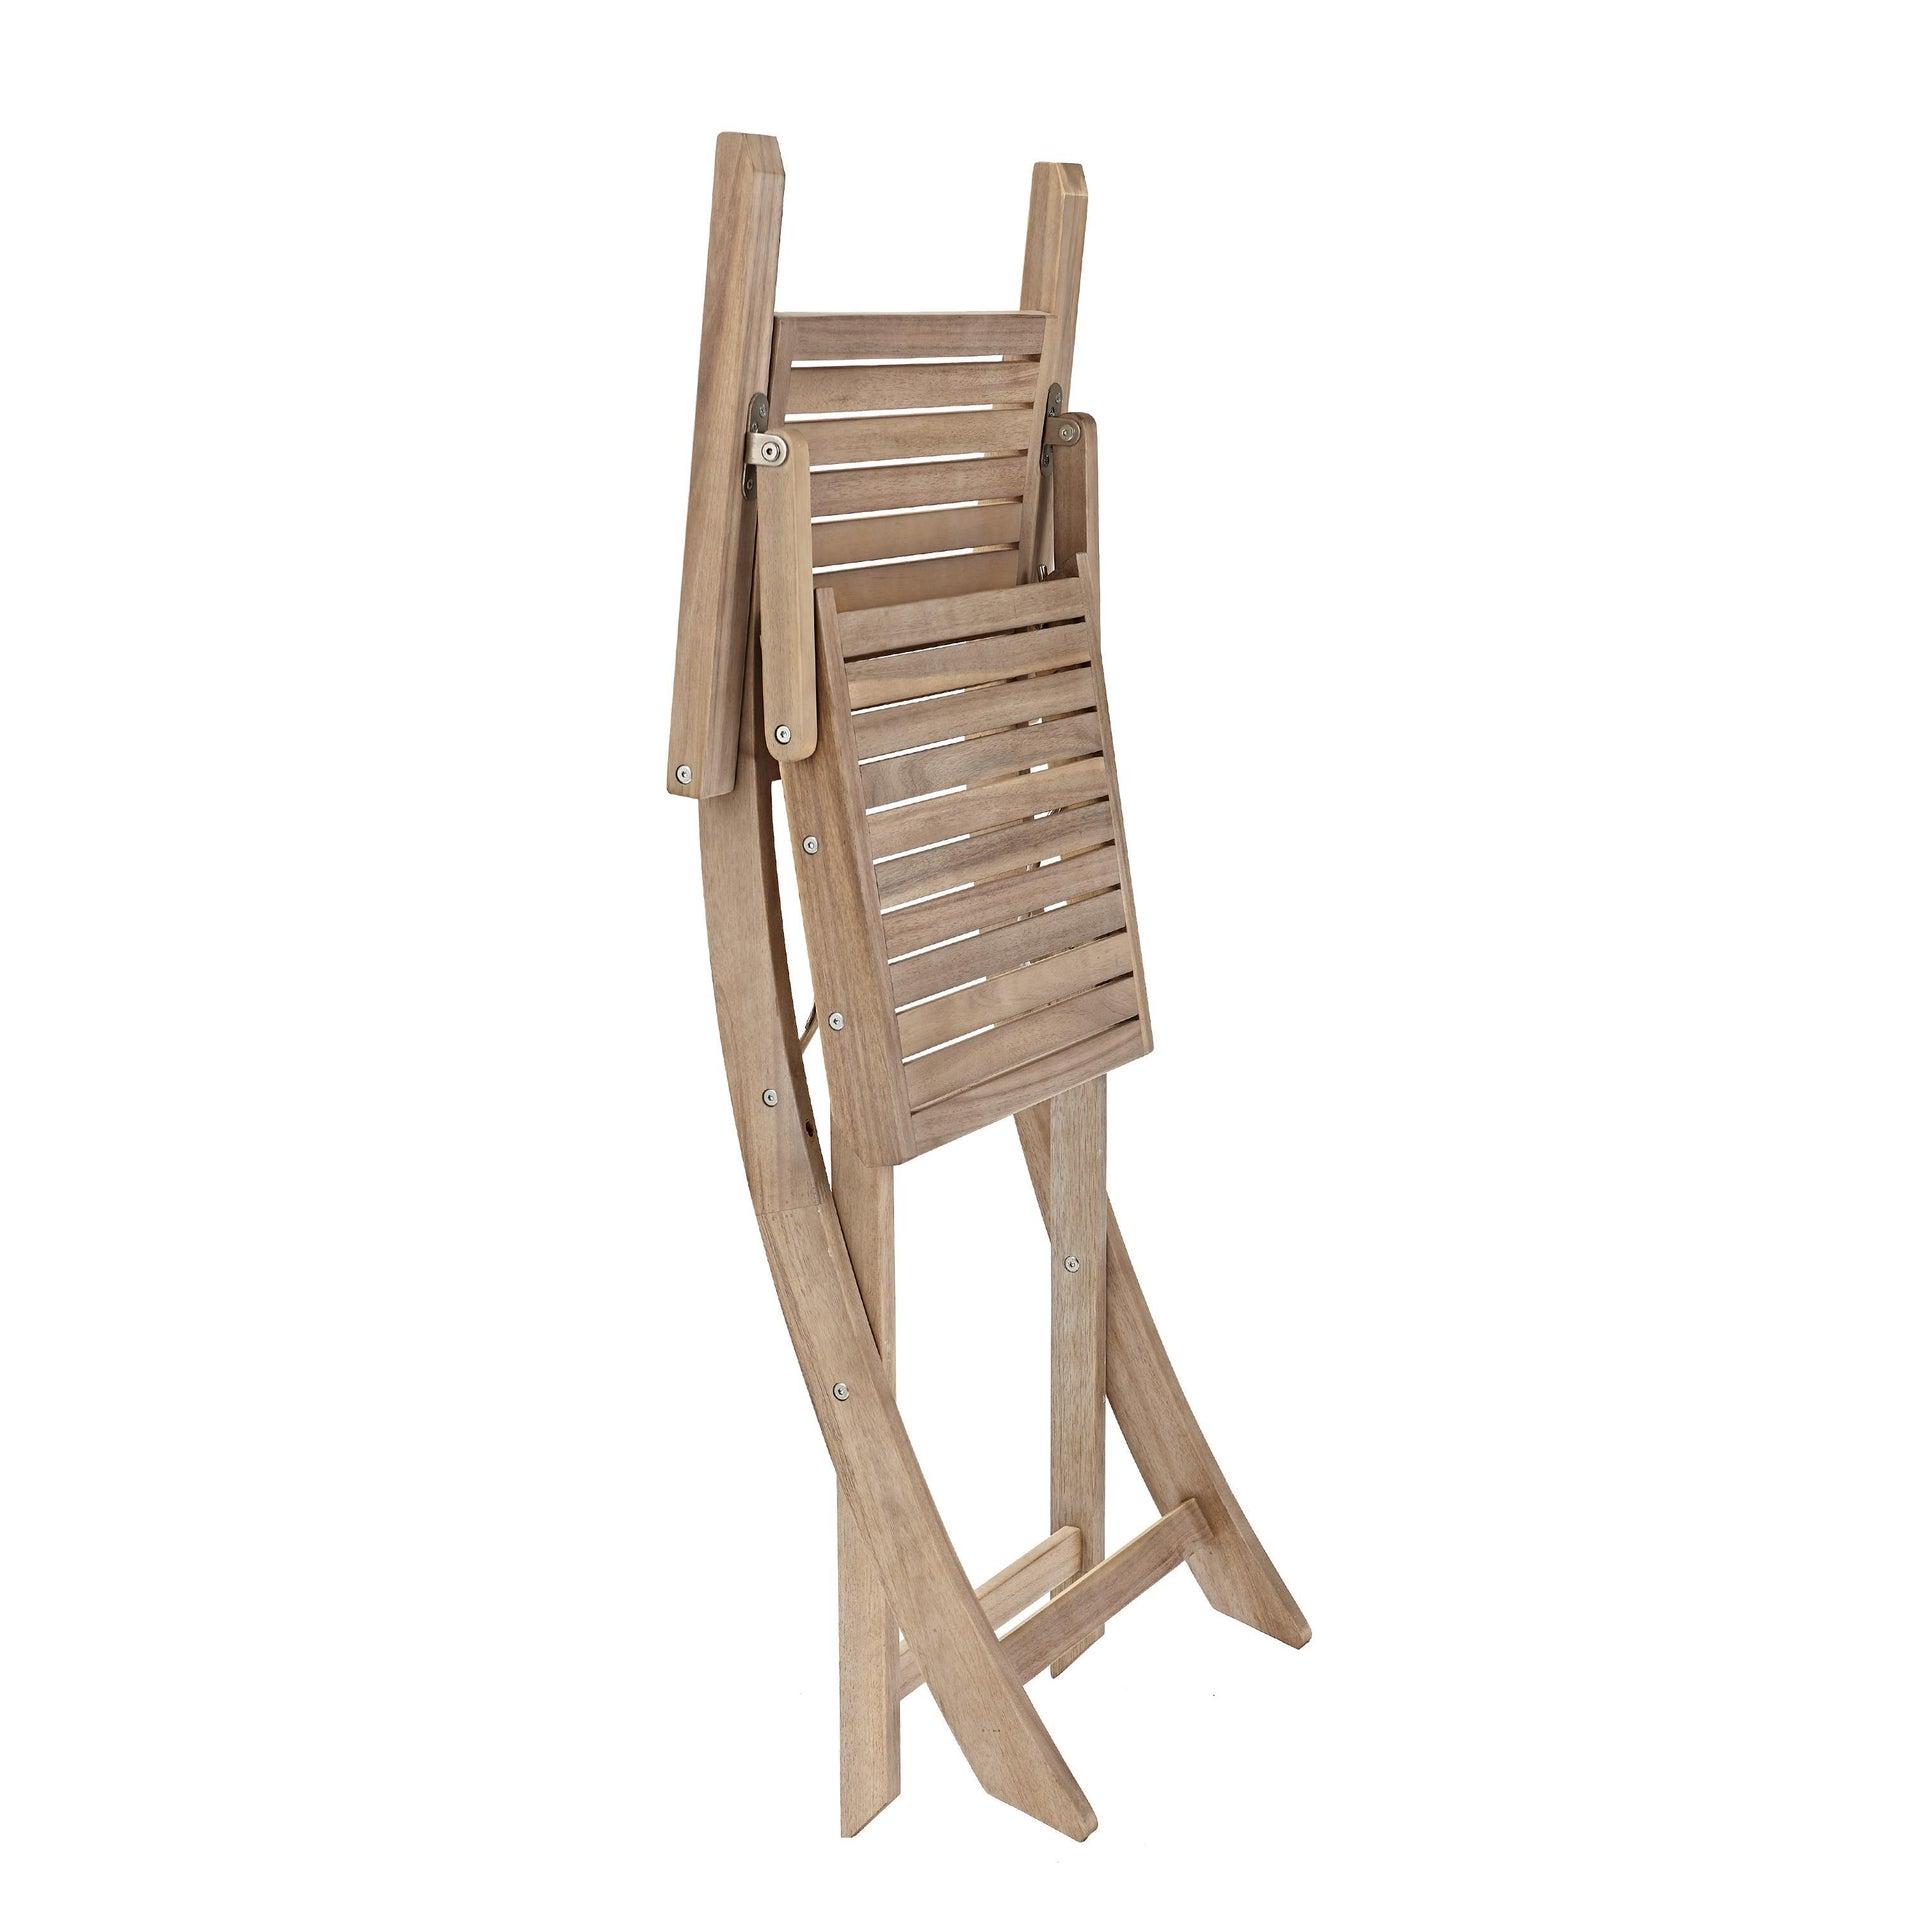 Sedia con braccioli senza cuscino pieghevole in legno Solaris NATERIAL colore acacia - 16